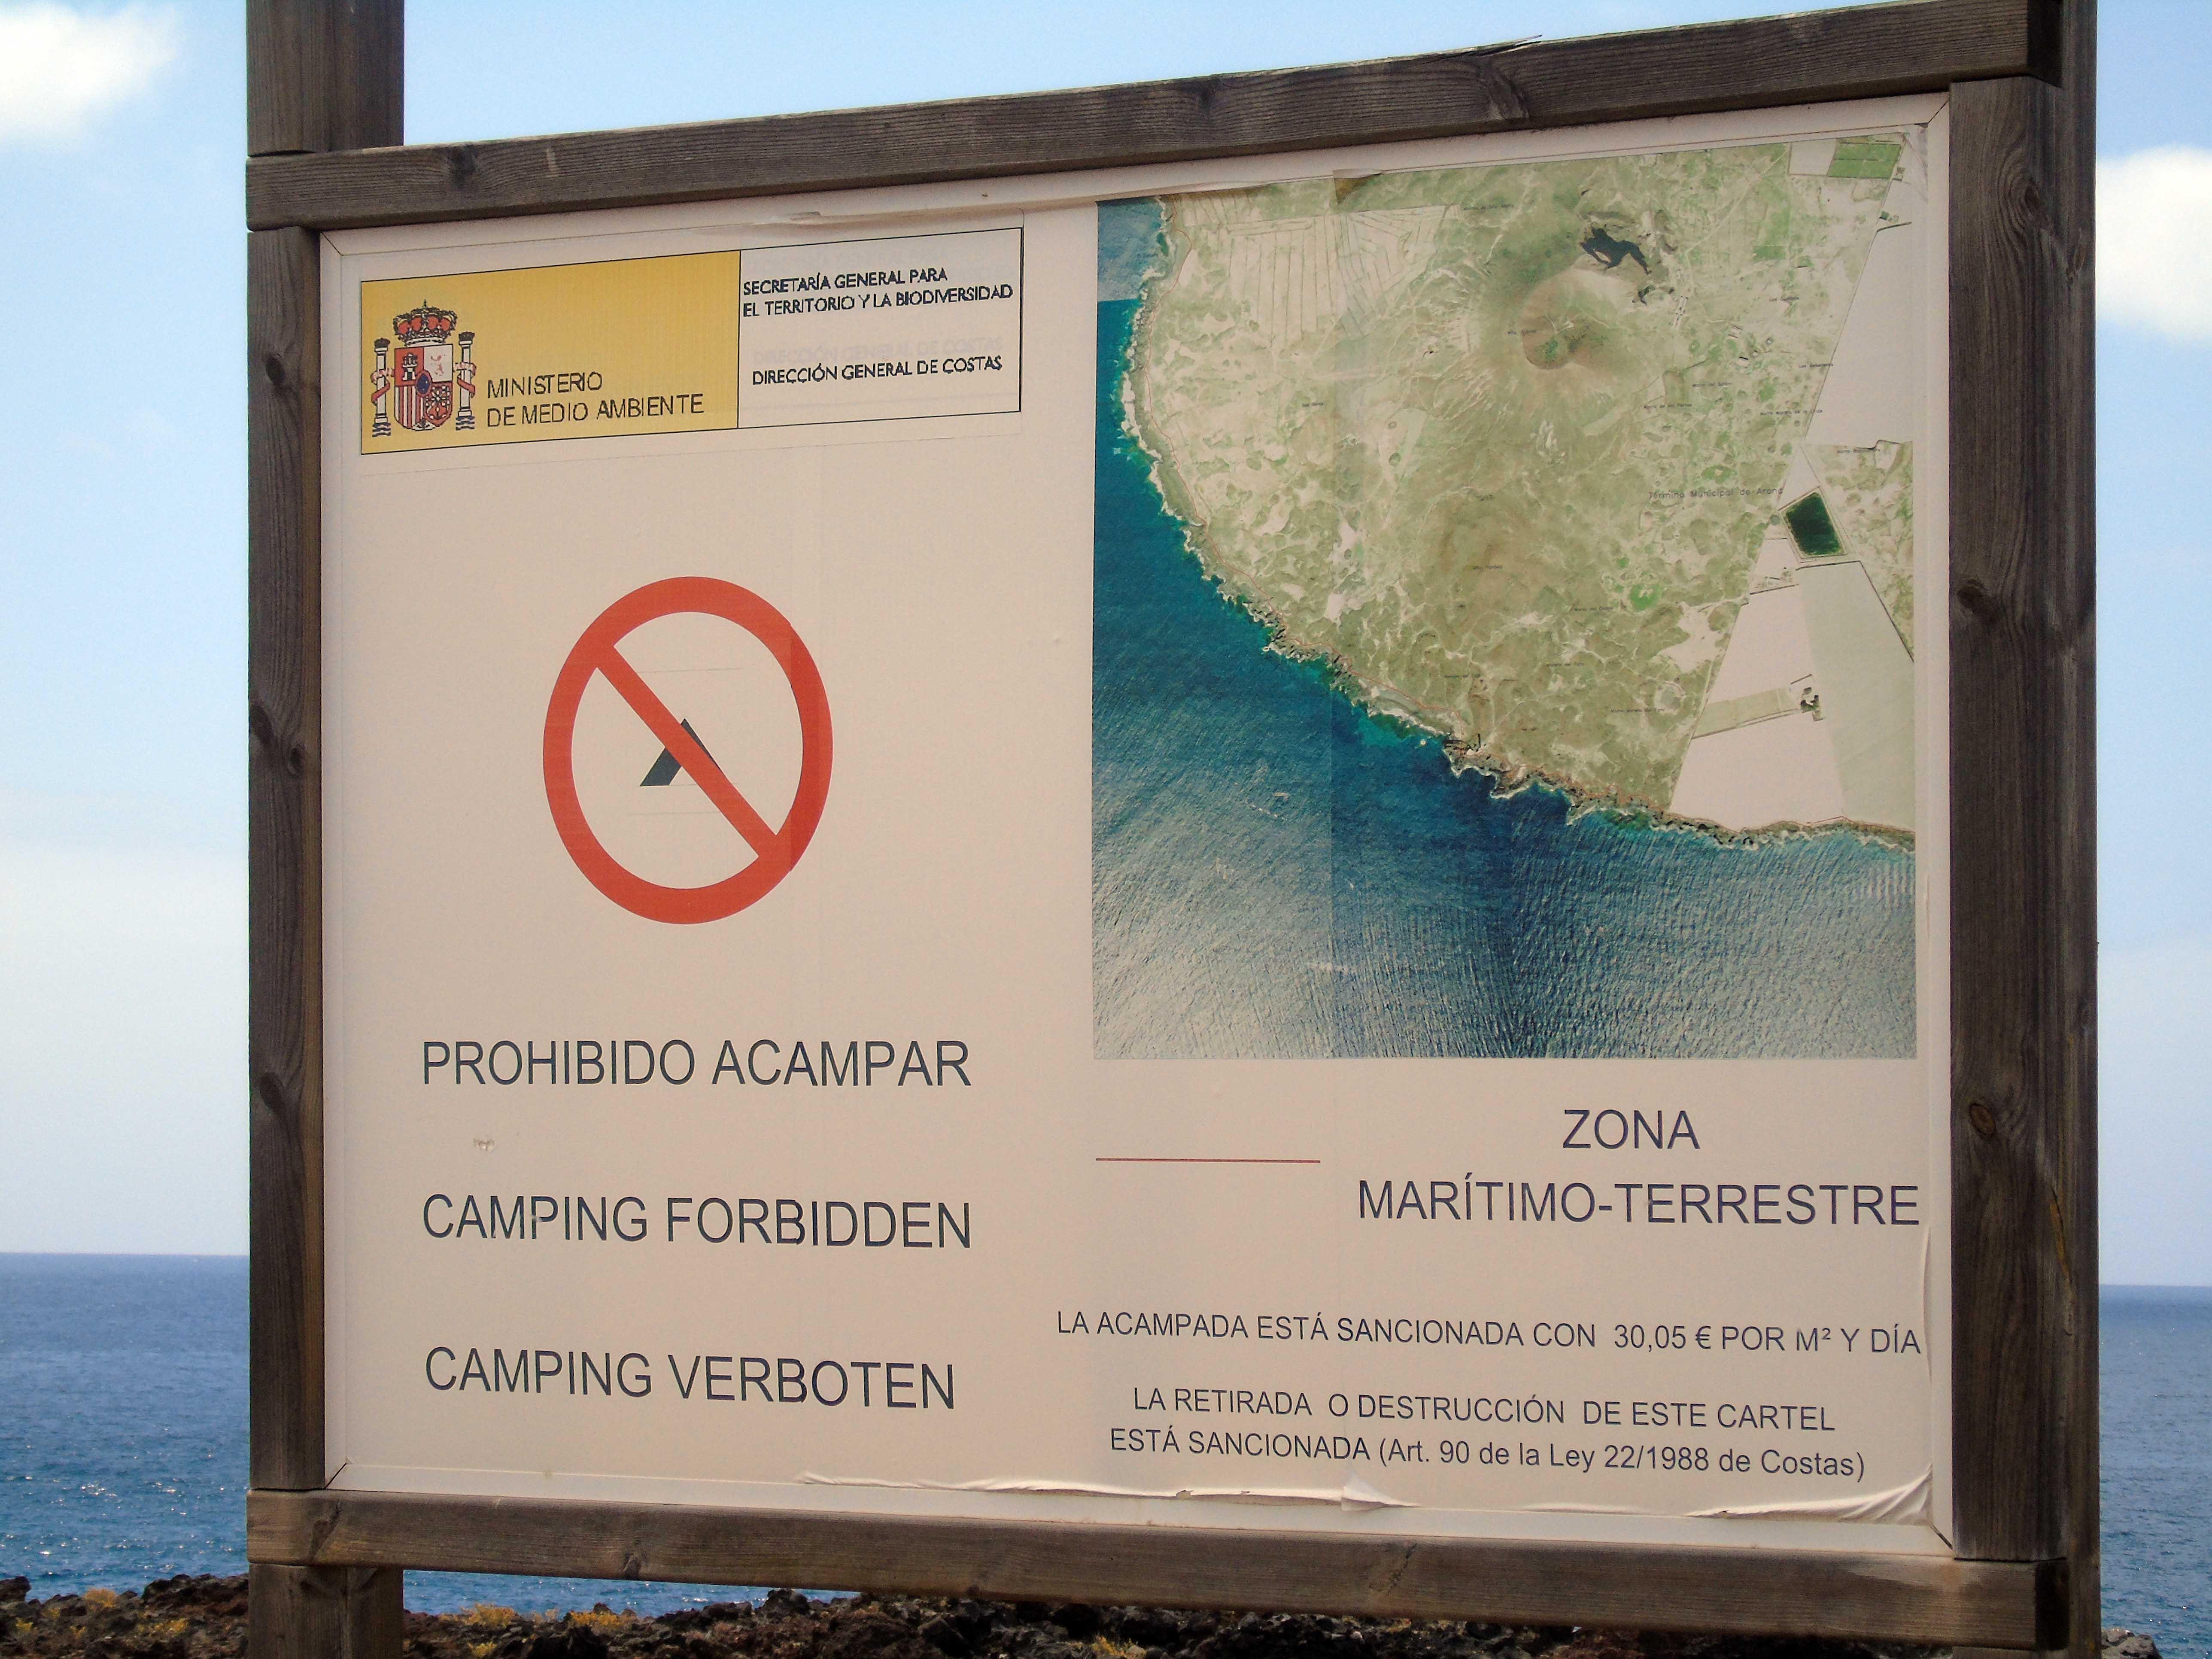 Saneamiento y fabricación de nuevos elementos de señalización exterior rústica, El Socorro - Güimar, Tenerife